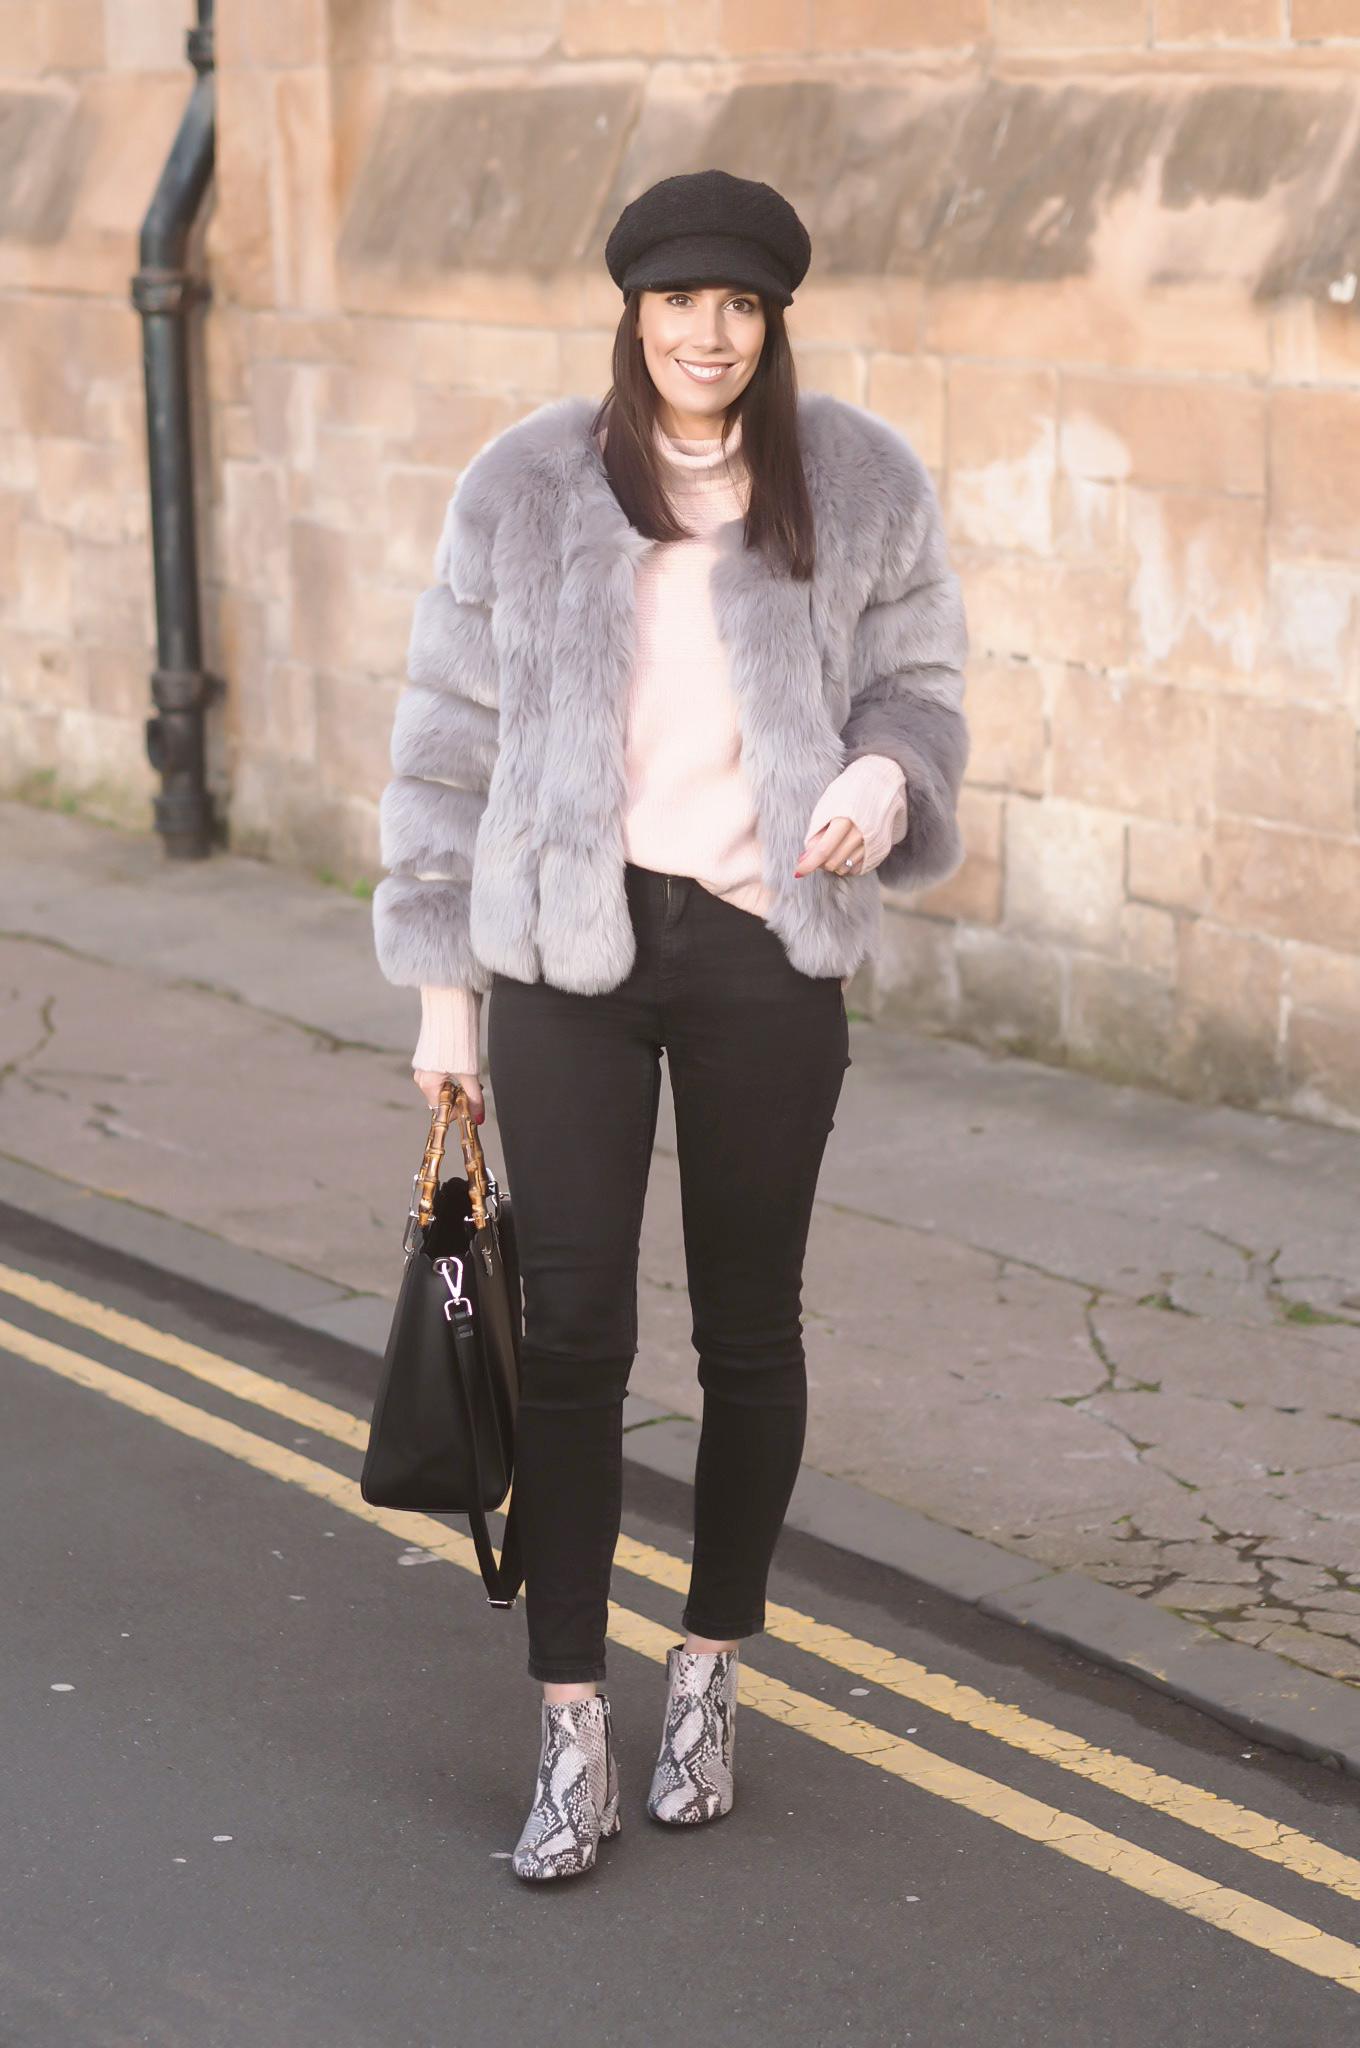 how to wear faux fur jacket | winter styling | the best faux fur coats 2017